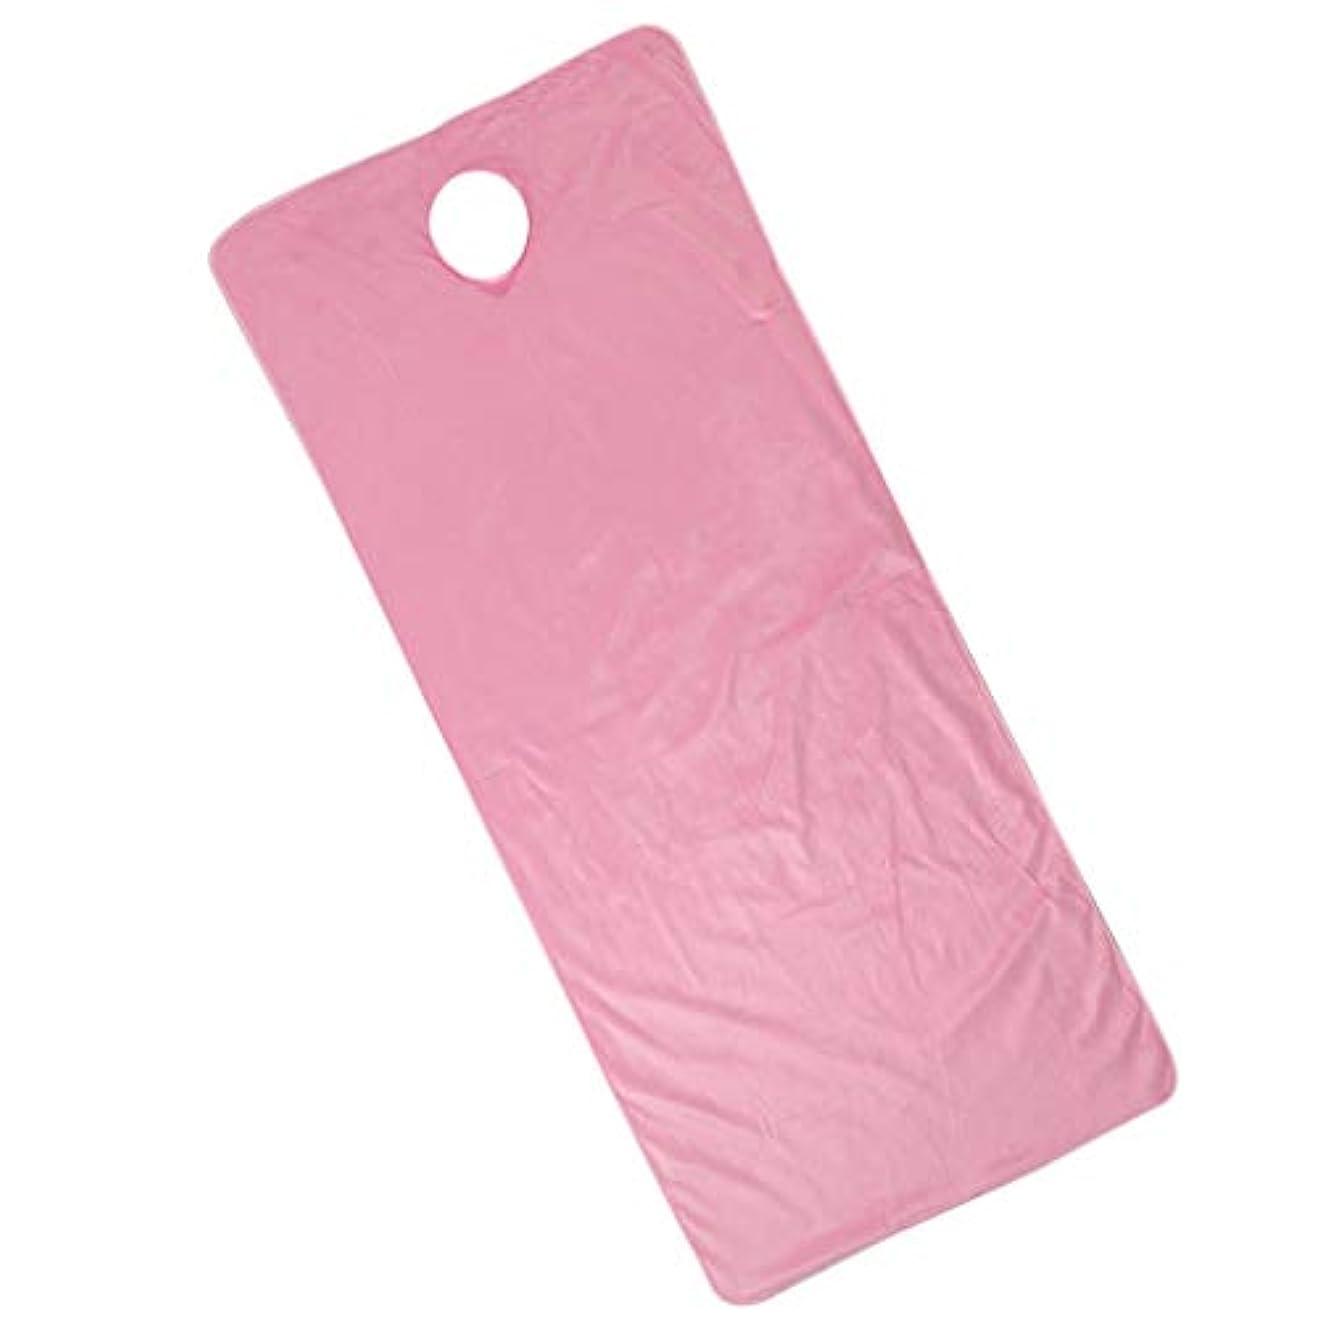 回復子モディッシュ美容ベッドカバー 有孔 スパ マッサージベッドカバー ピンク